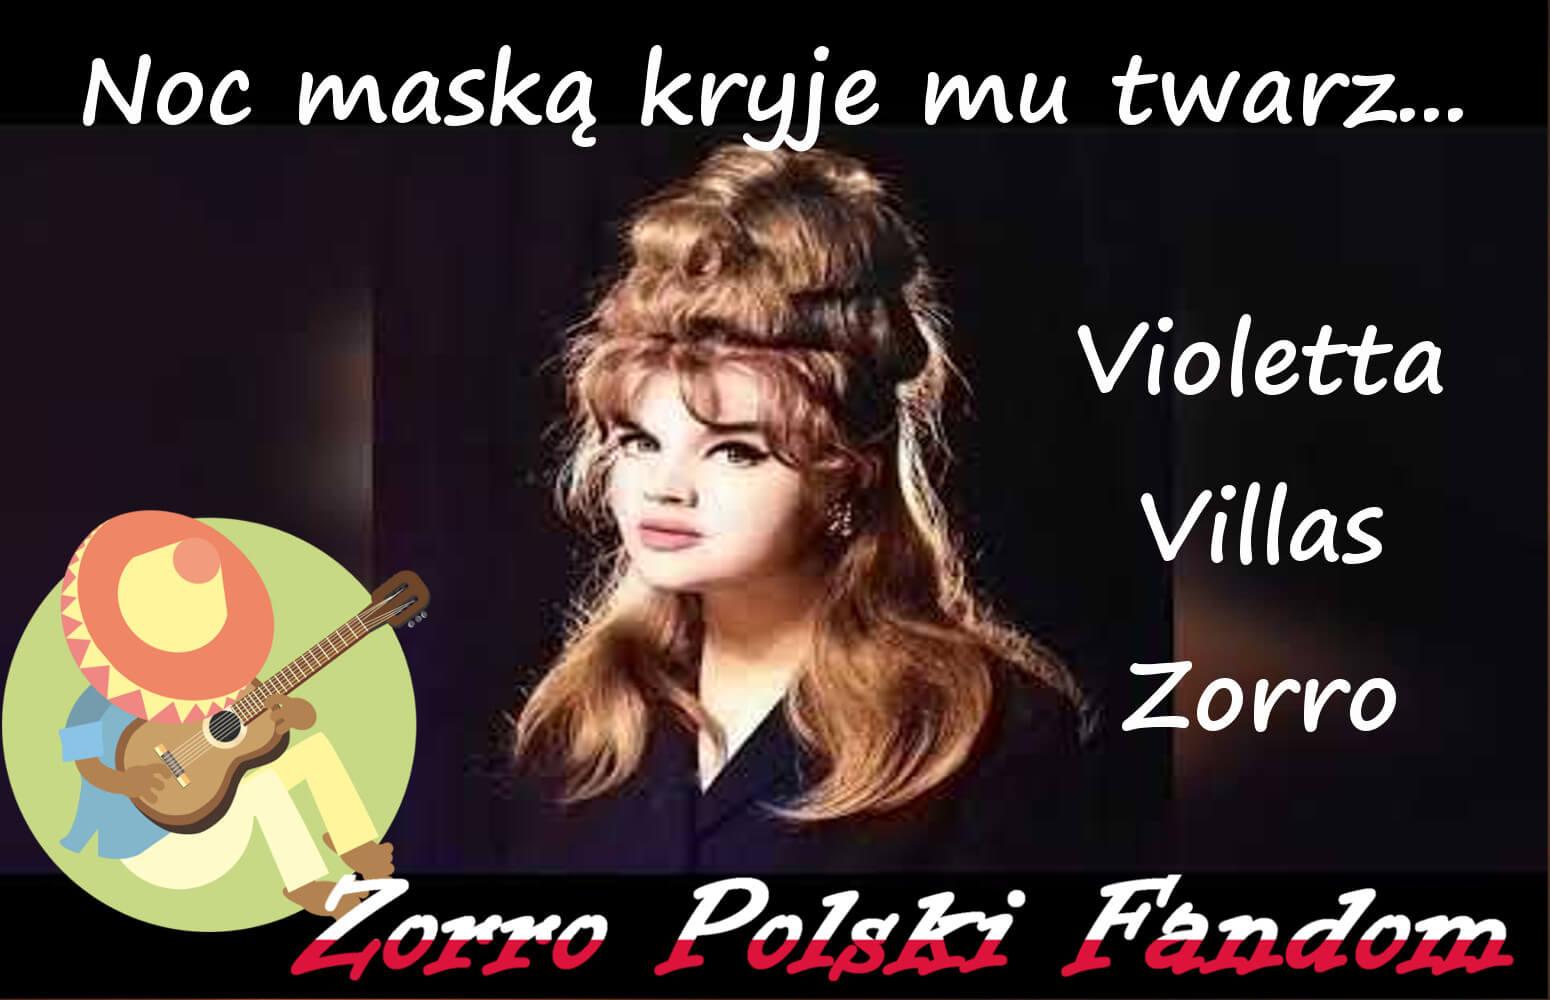 Violetta Villas Zorro piosenka